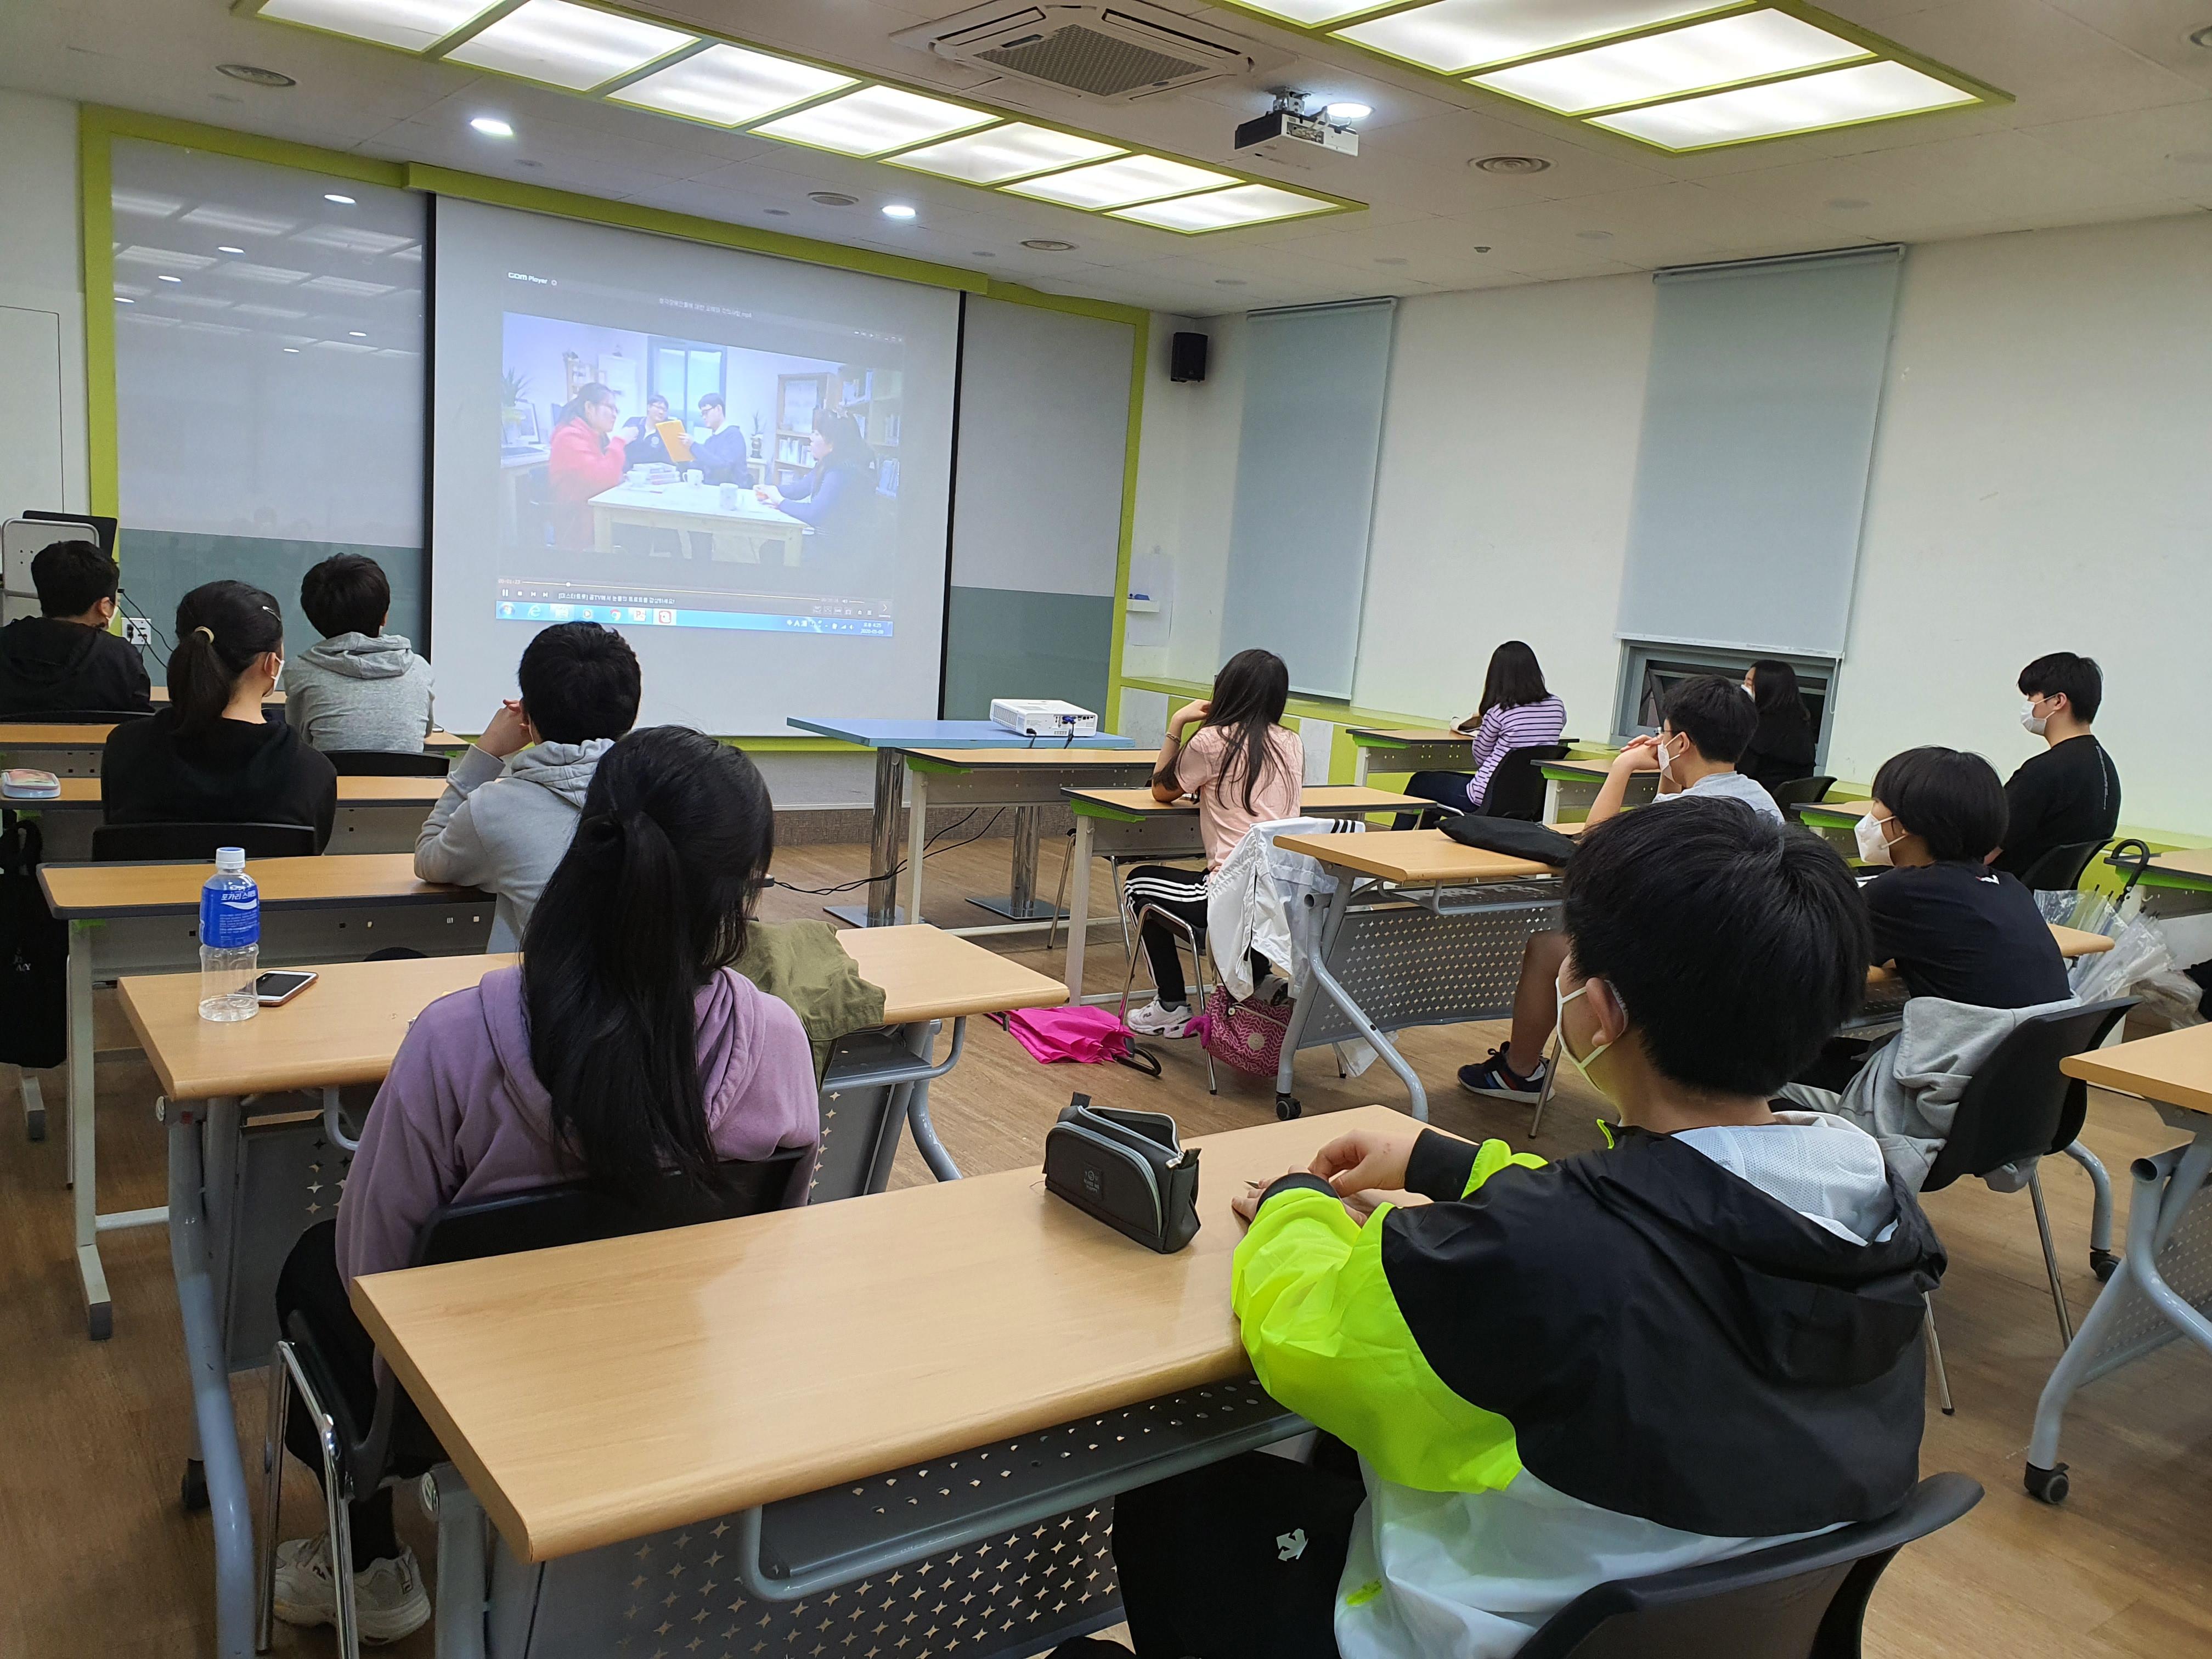 2020년 역삼청소년수련관 자원봉사학교 05월 09일 (토)